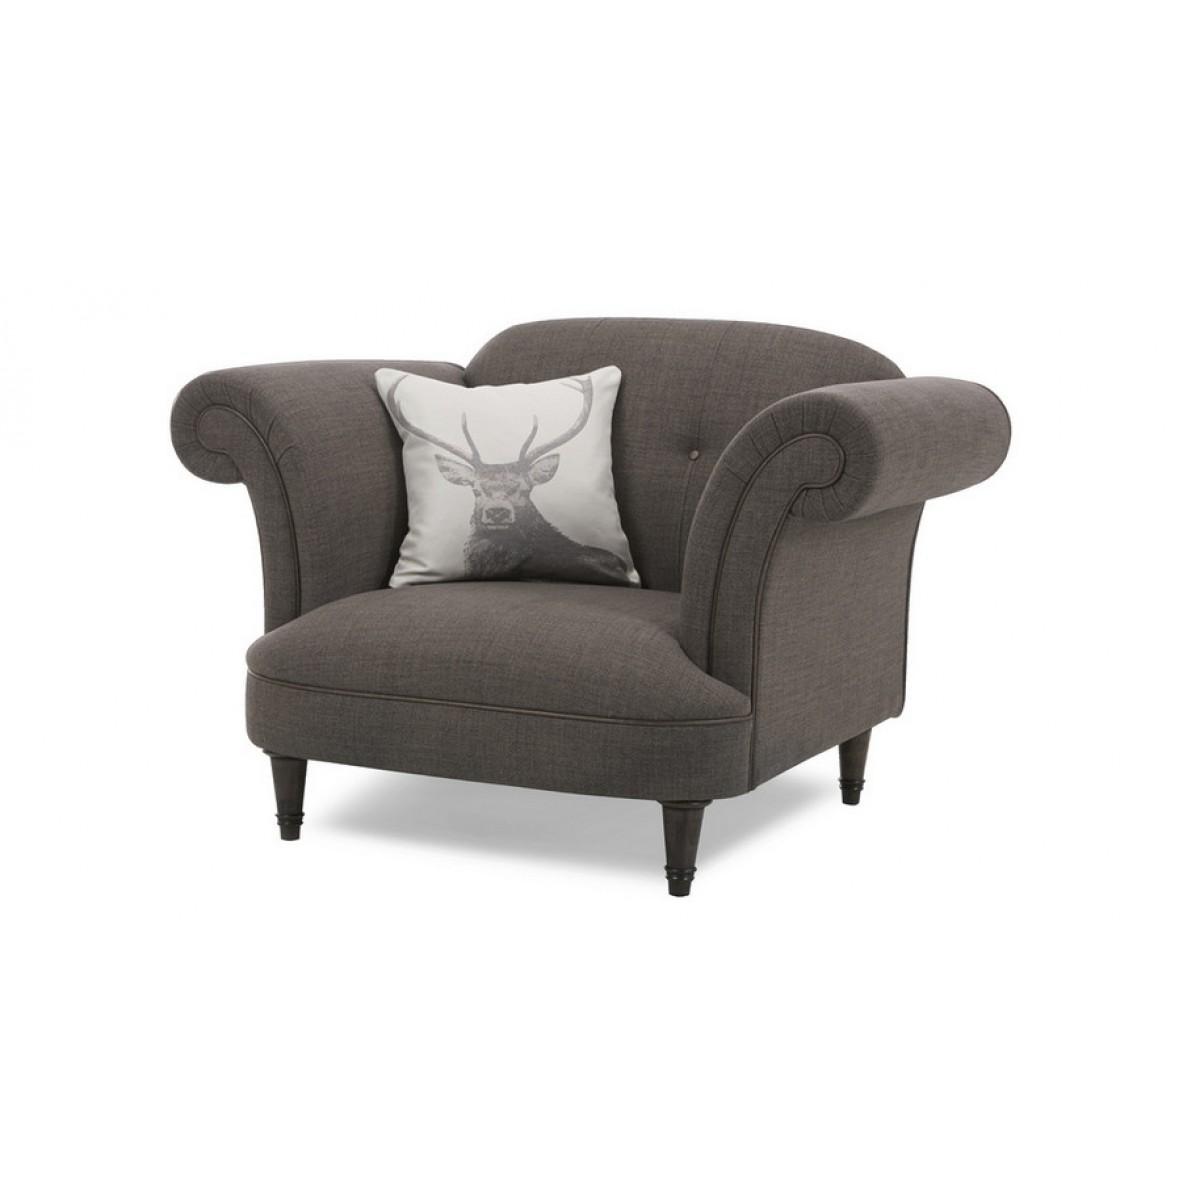 Ensemble de canap s beziers chesterfield personnalisable lin ou mircr - Canape plus fauteuil ...